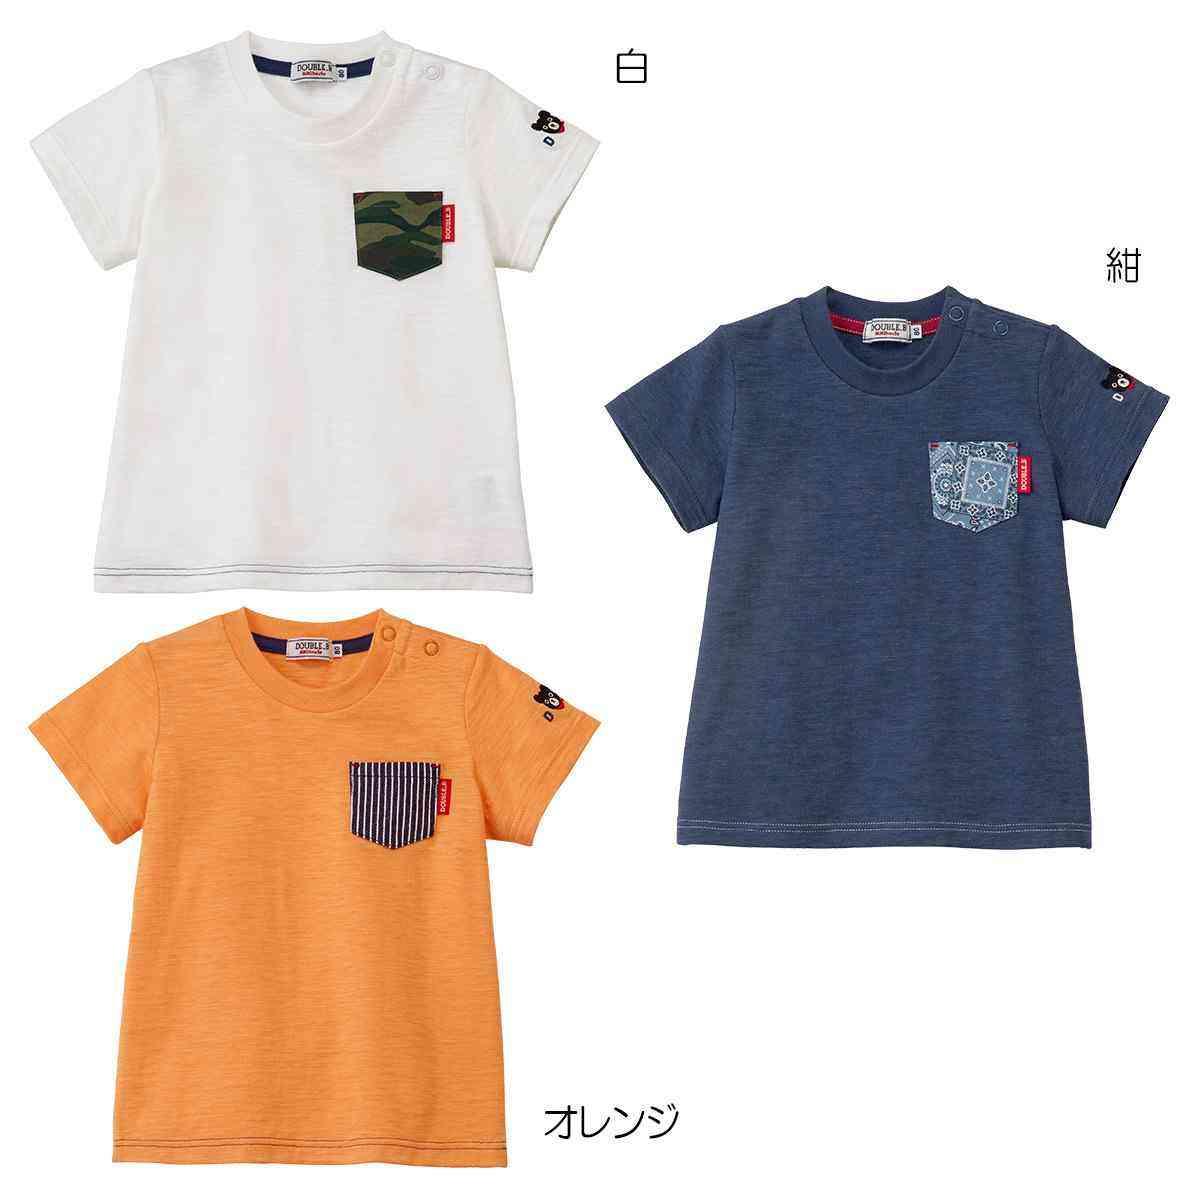 25日限定ポイント10倍 ☆ ダブルビー ミキハウス Double_B Tシャツ (70cm-150cm)【60-5222-458】【ラッキーシール対応】 JUP